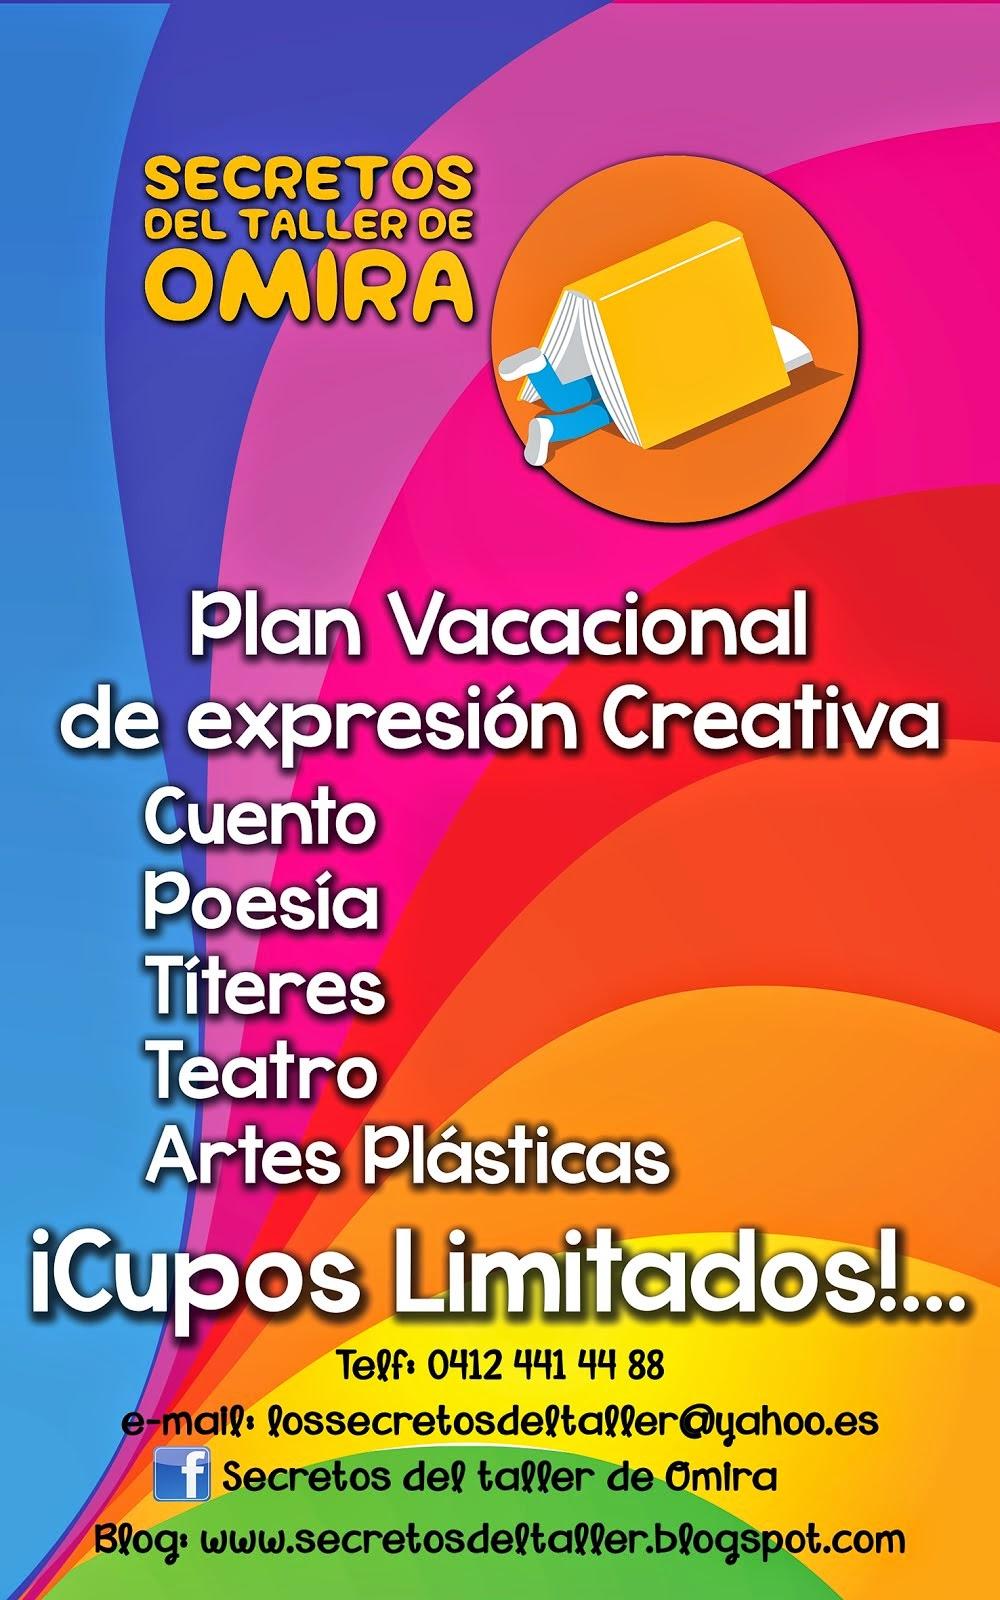 PLAN VACACIONAL JULIO- AGOSTO 2014 - Valencia / Venezuela